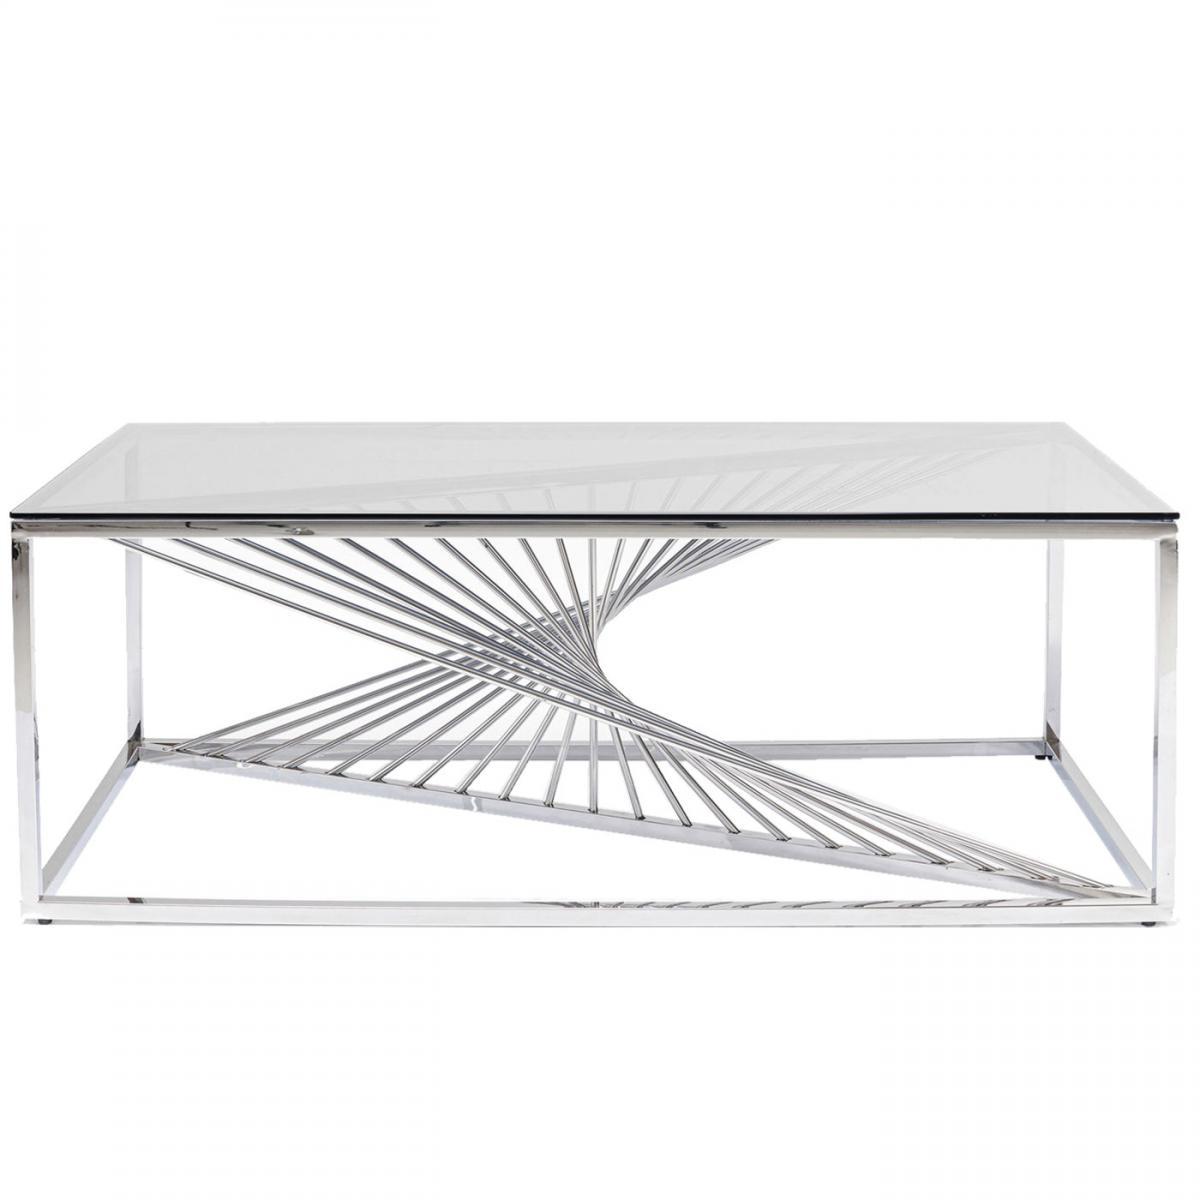 Karedesign Table basse Laser 120x60cm chromée Kare Design